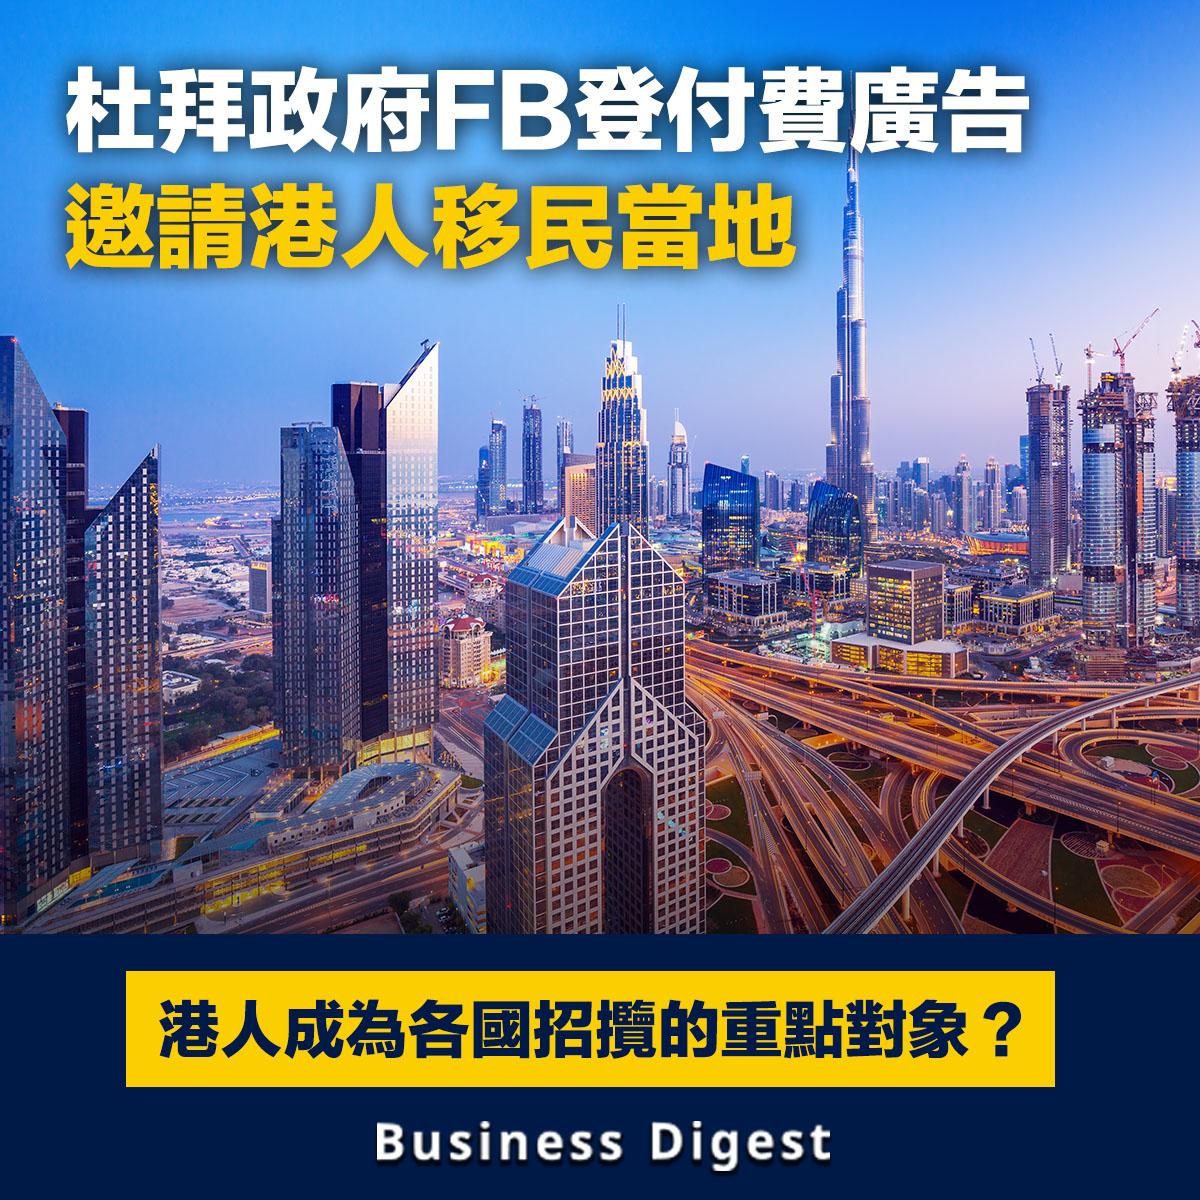 阿聯酋重要城市杜拜政府在FB刊登付費廣告,並用繁體中文邀請港人移居到當地